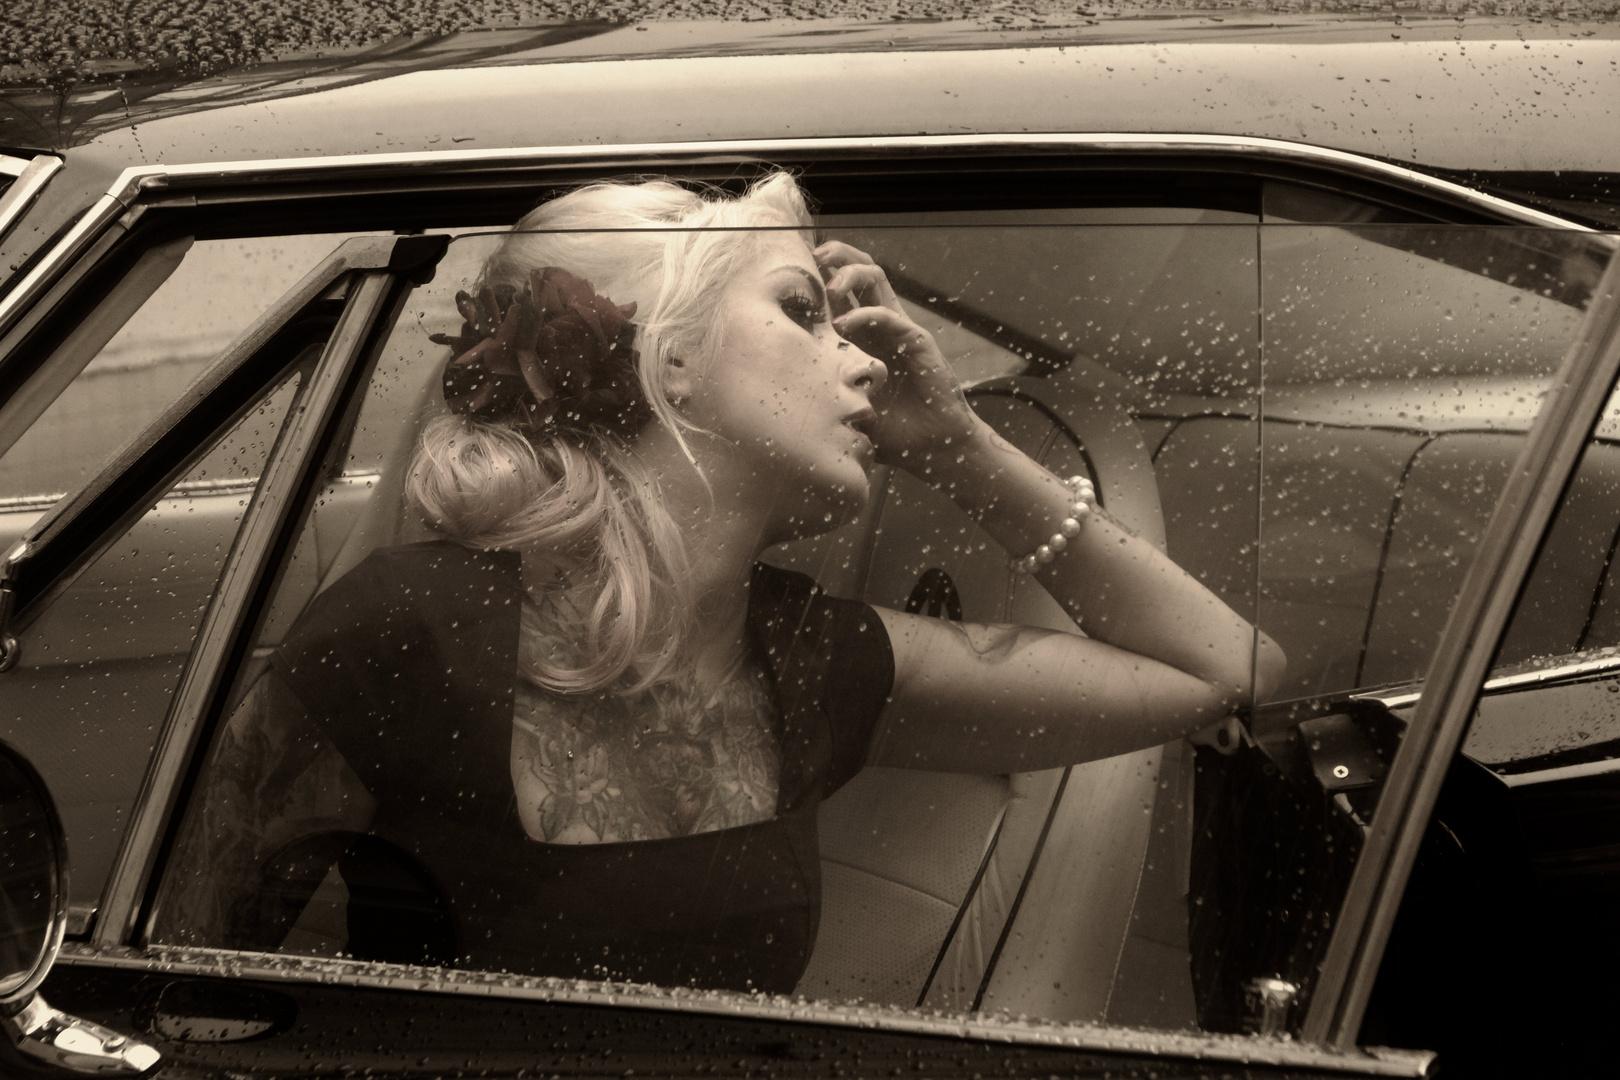 Die Schöne im Cadillac